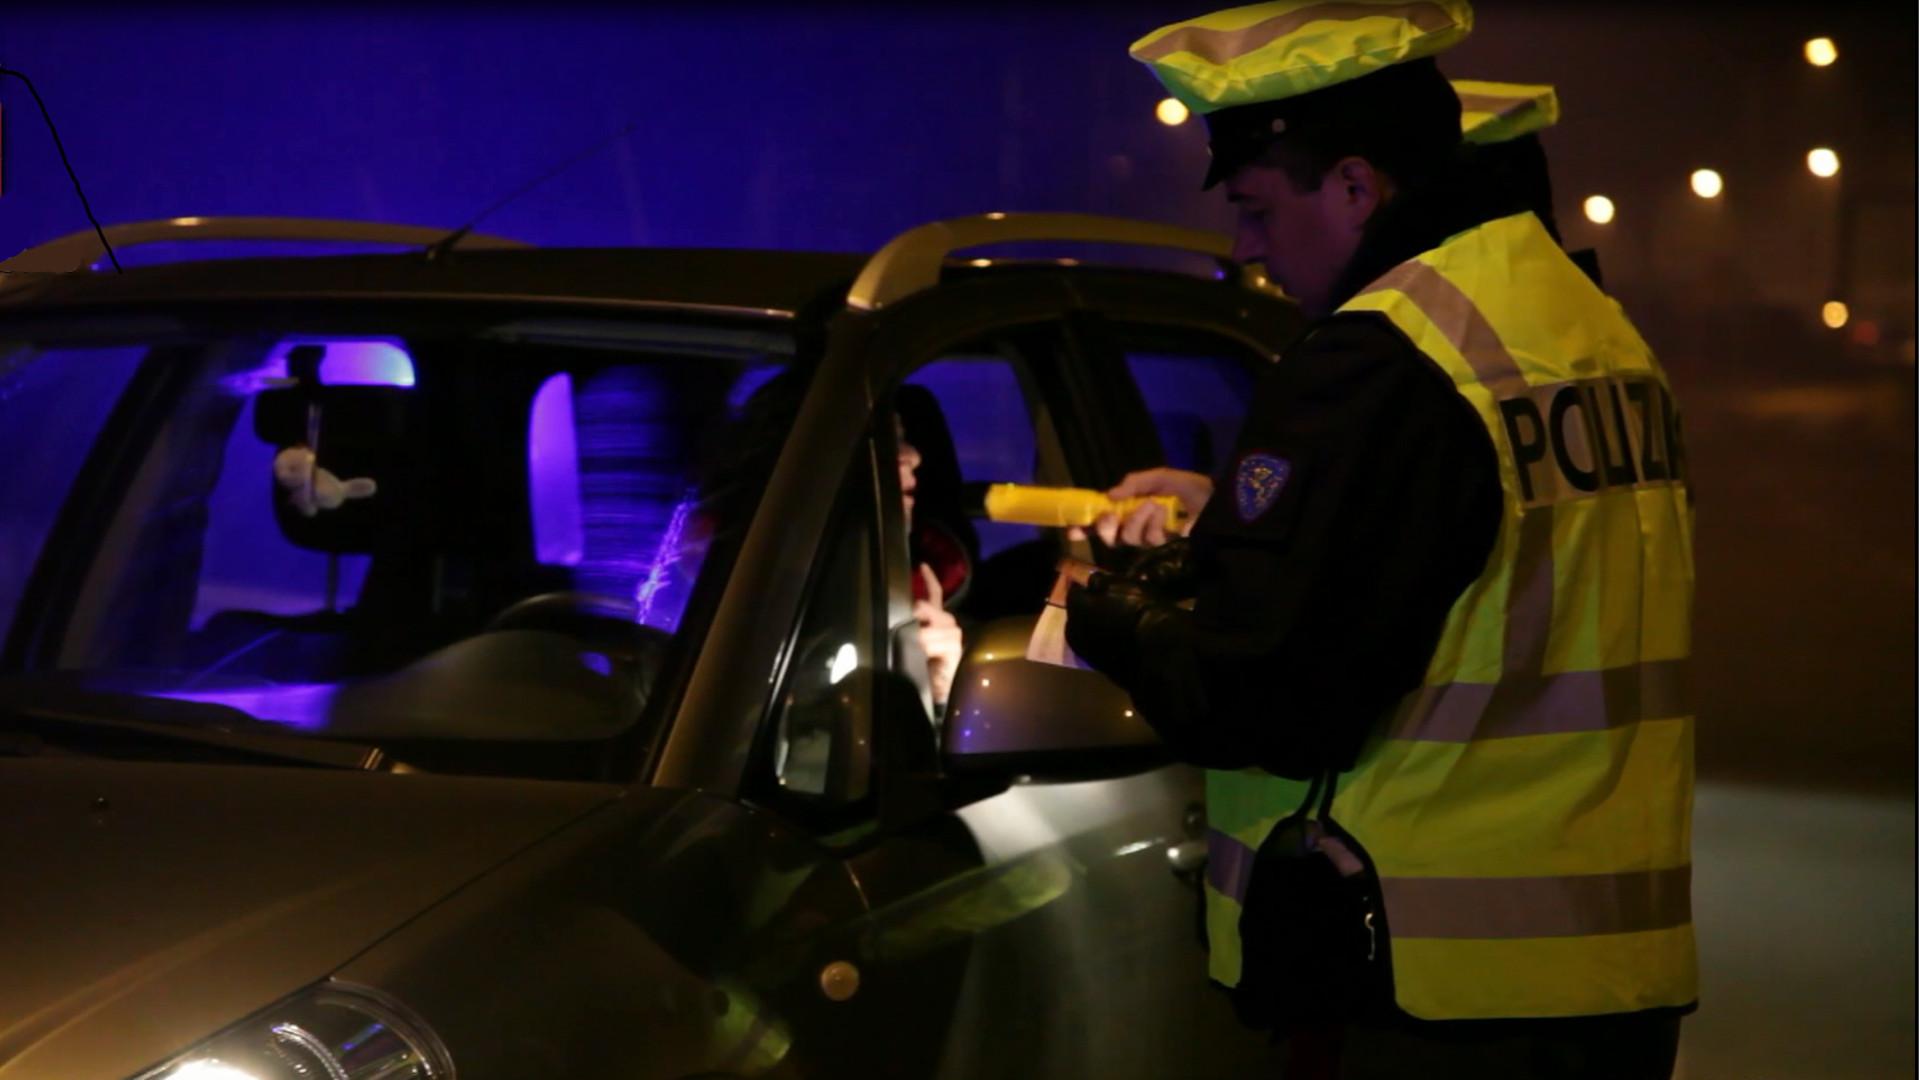 Agente di Polizia di Stato ocntrolla automobilista con dragometro - foto tratta da poliziadistato.it